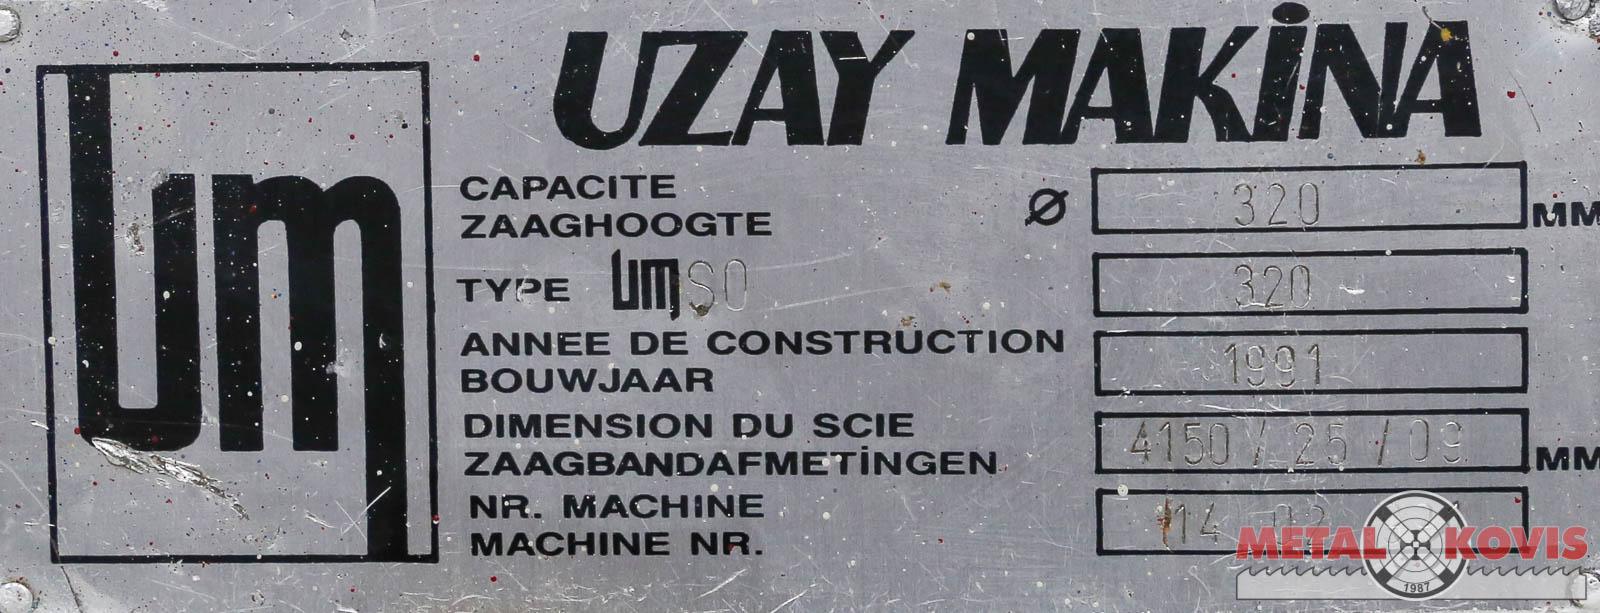 Tračna pila Uzay Makina Ø320 Price